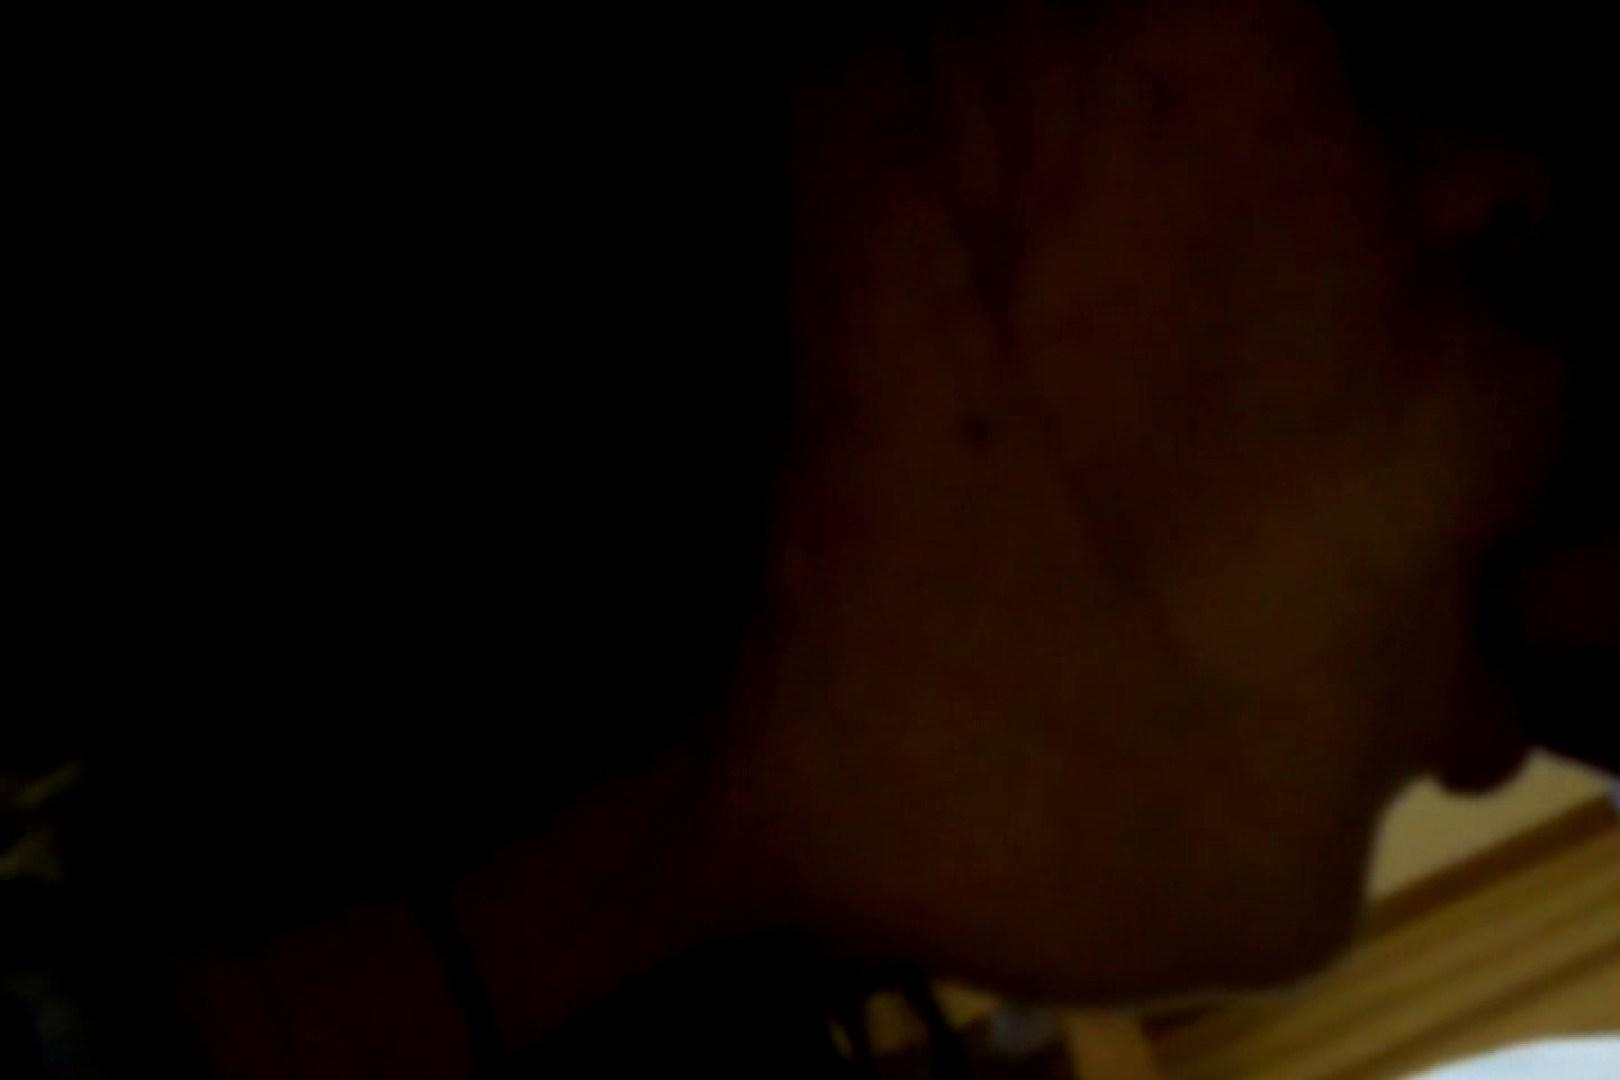 ウイルス流出 レオ&マンコのアルバム マンコ映像 エロ無料画像 101連発 42